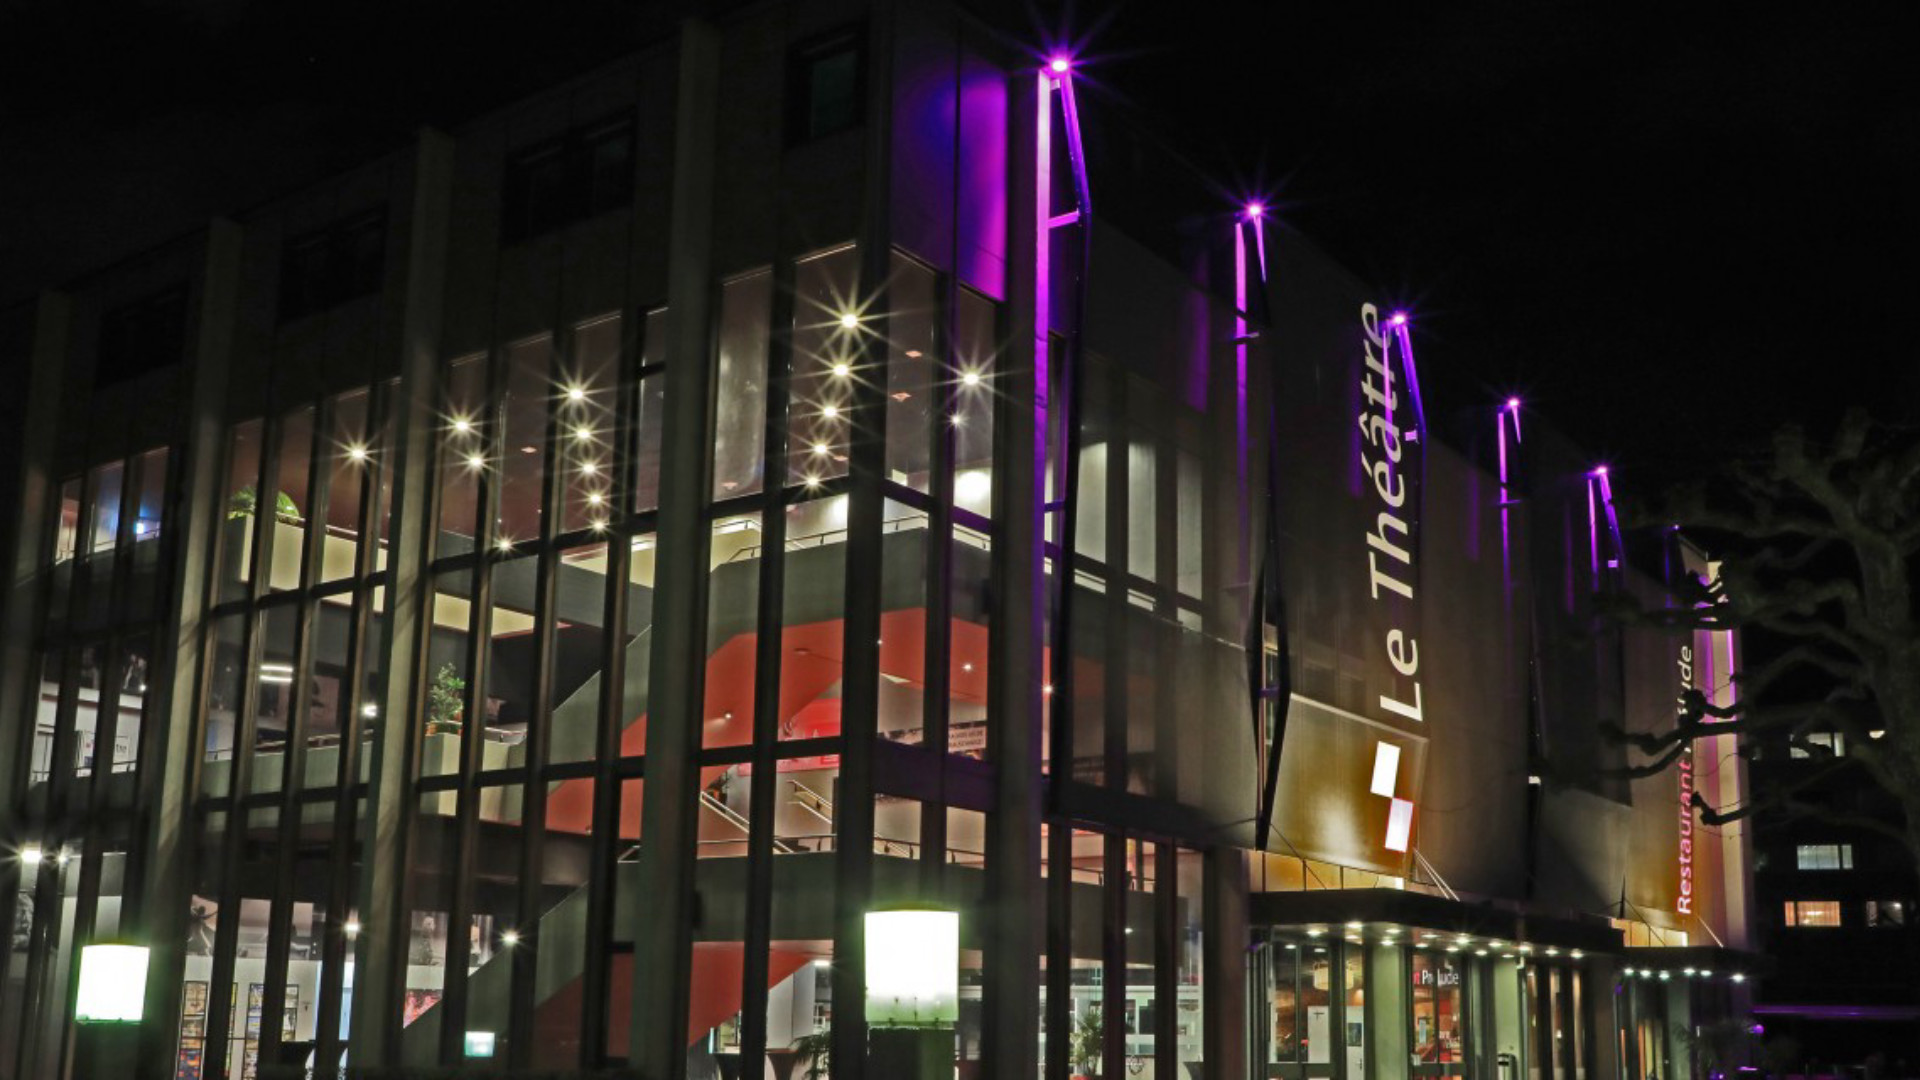 Le Théâtre & Restaurant Prélude